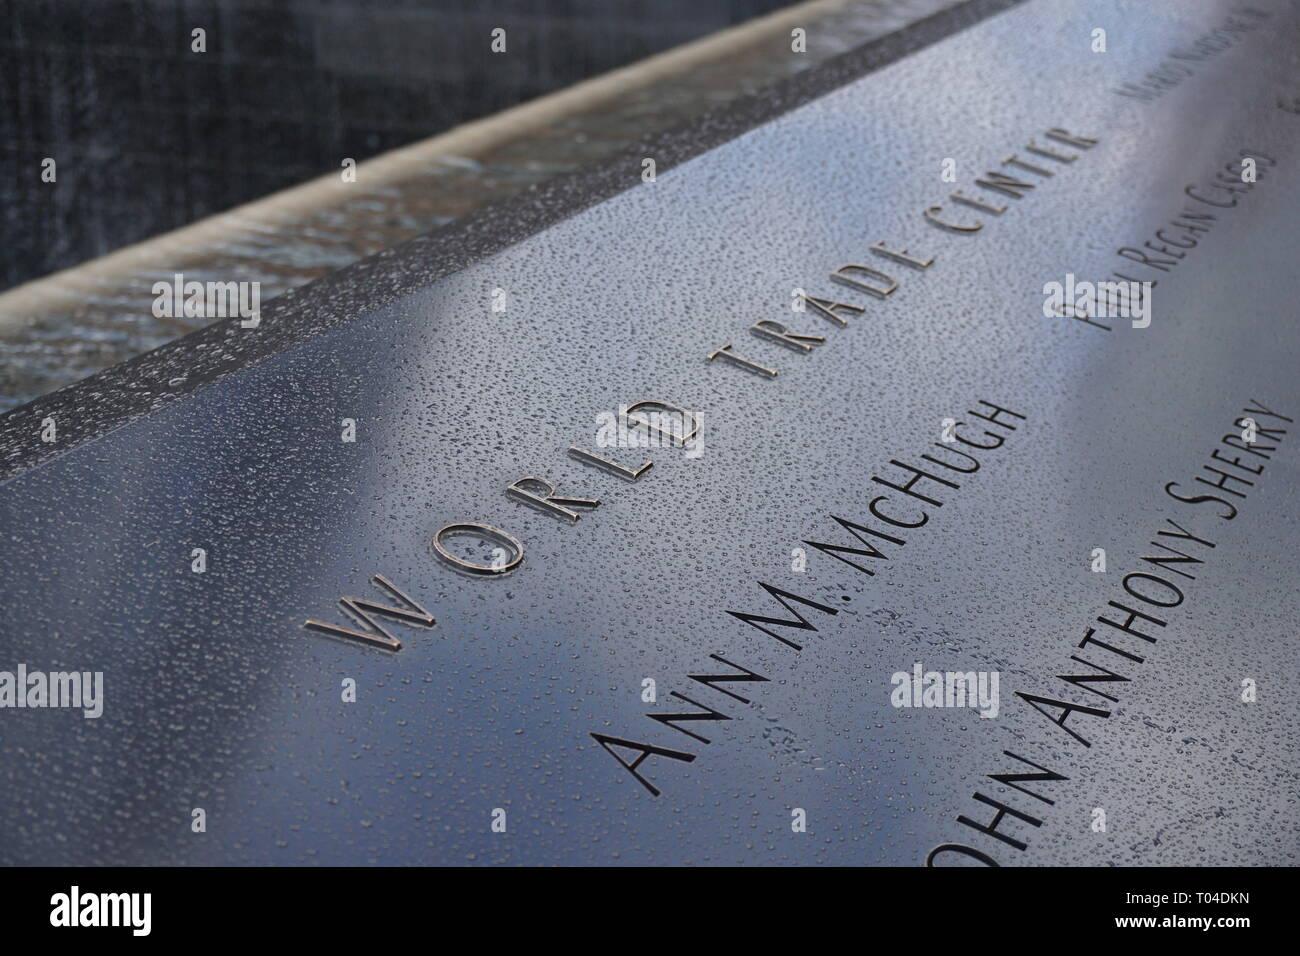 NEW YORK, USA - NOV 2018: World trade center, National September 11 Memorial and Museum - Stock Image